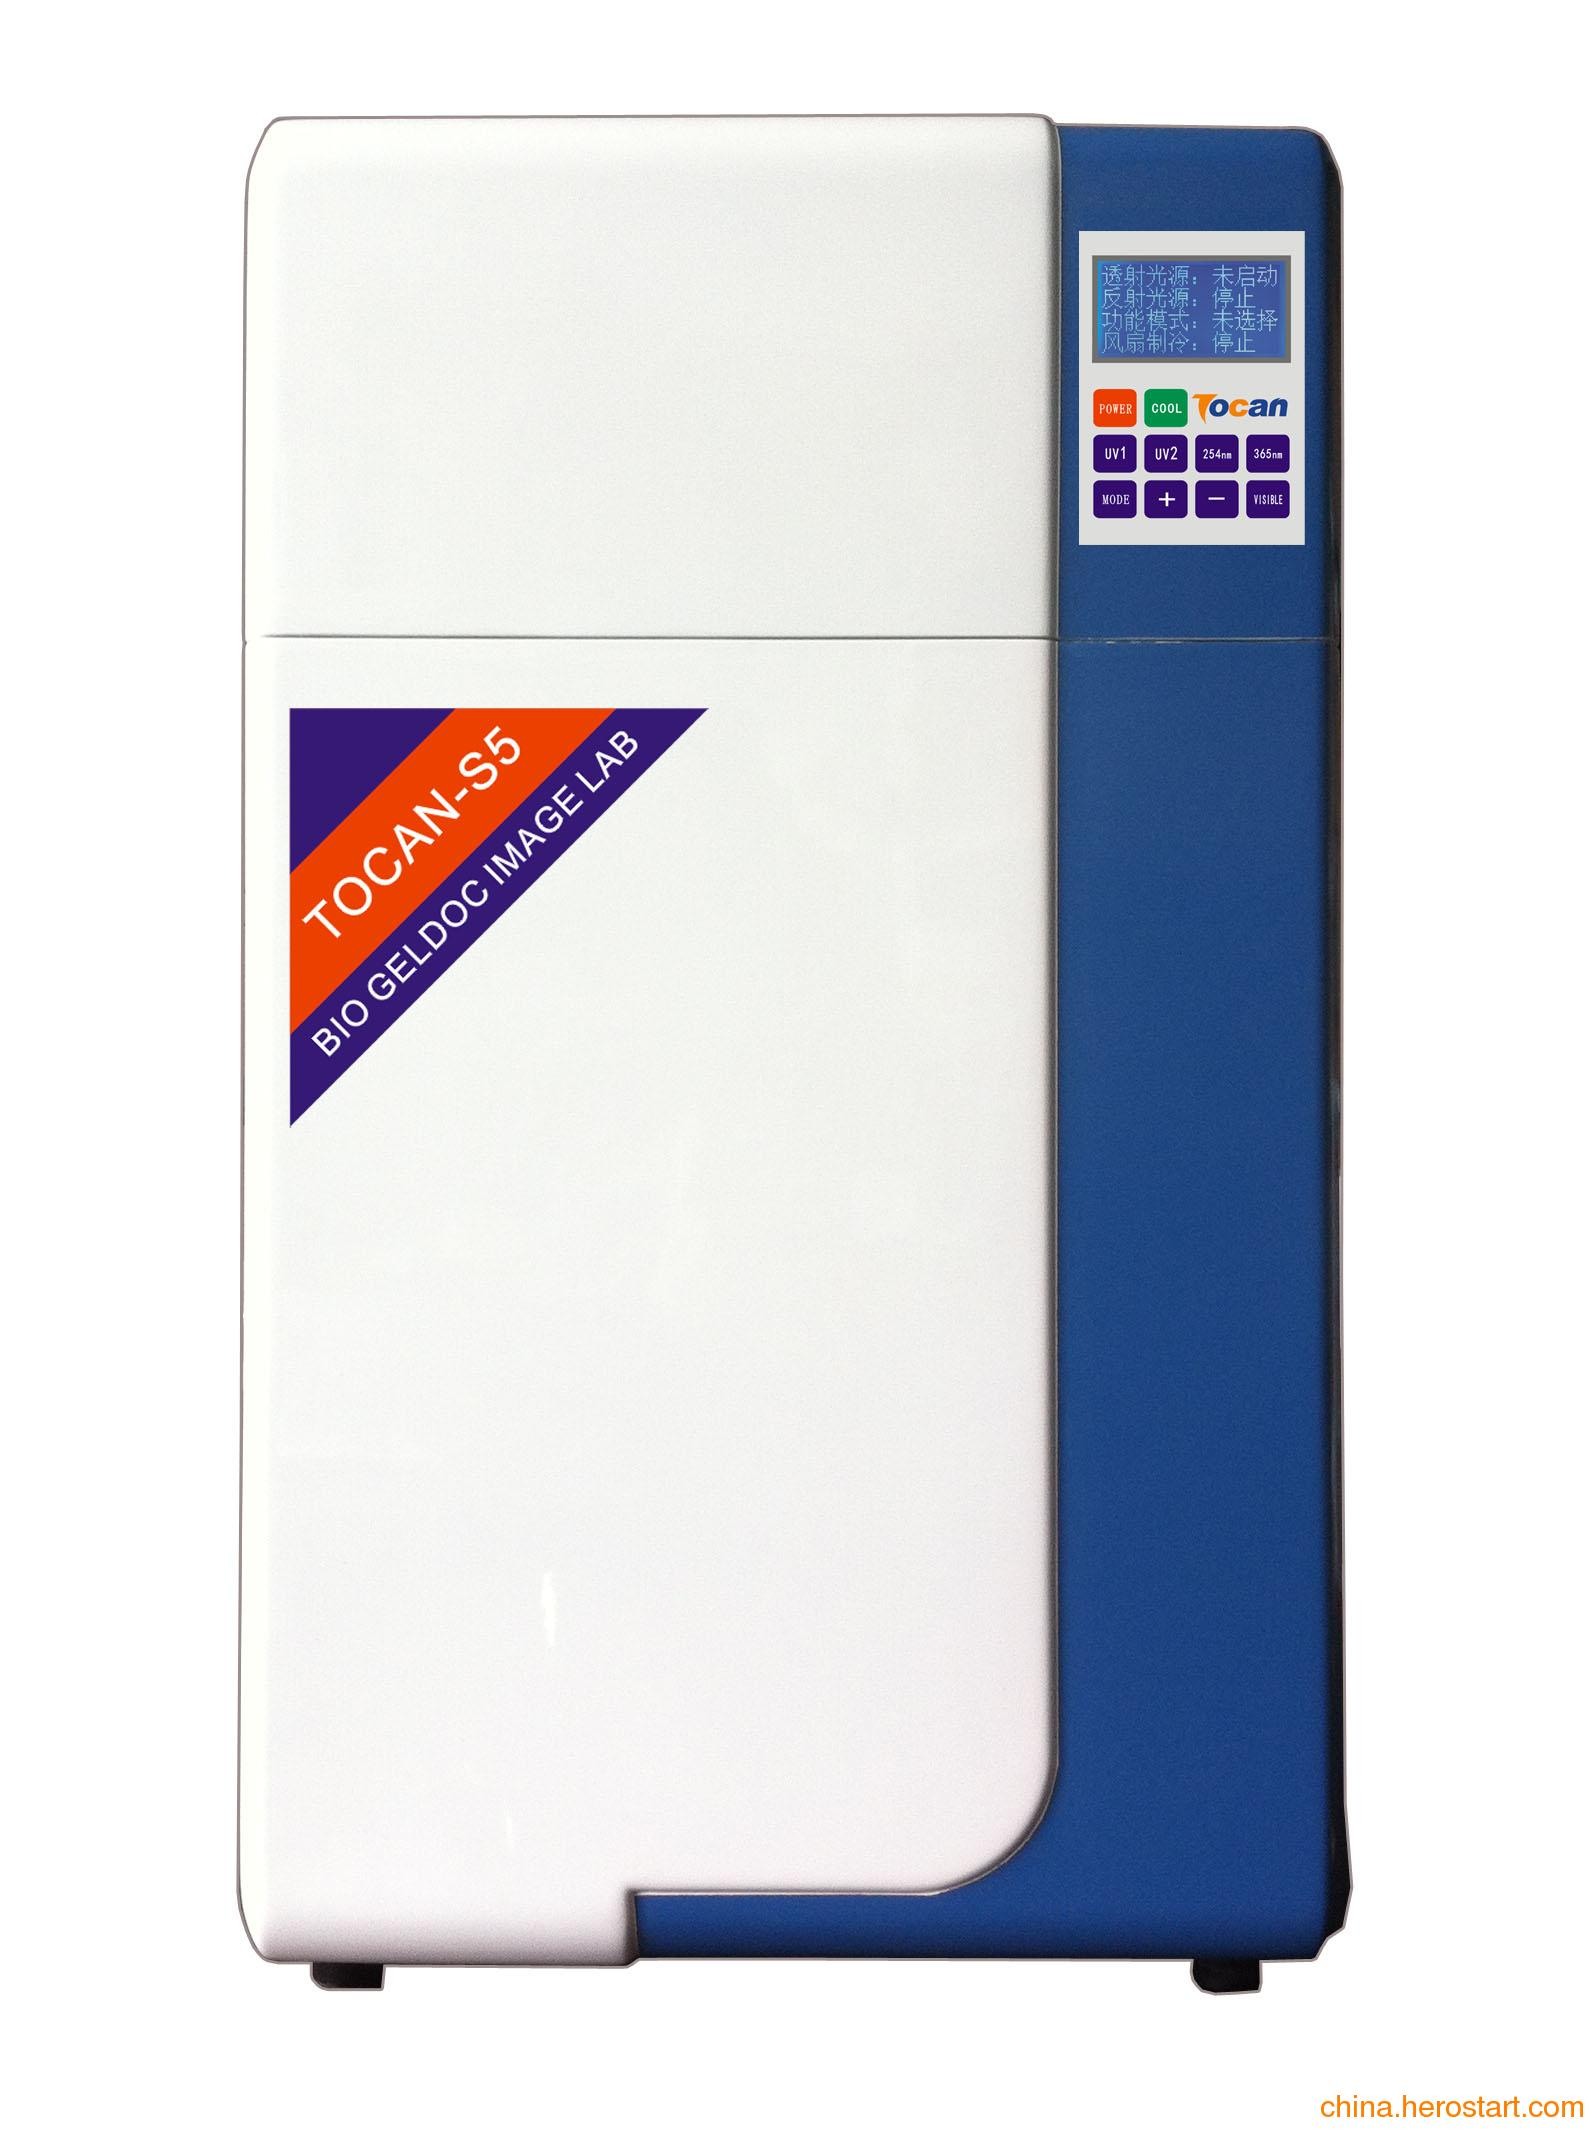 供应TOCAN-S5 (Auto Focus)凝胶成像系统 领成新款凝胶成像